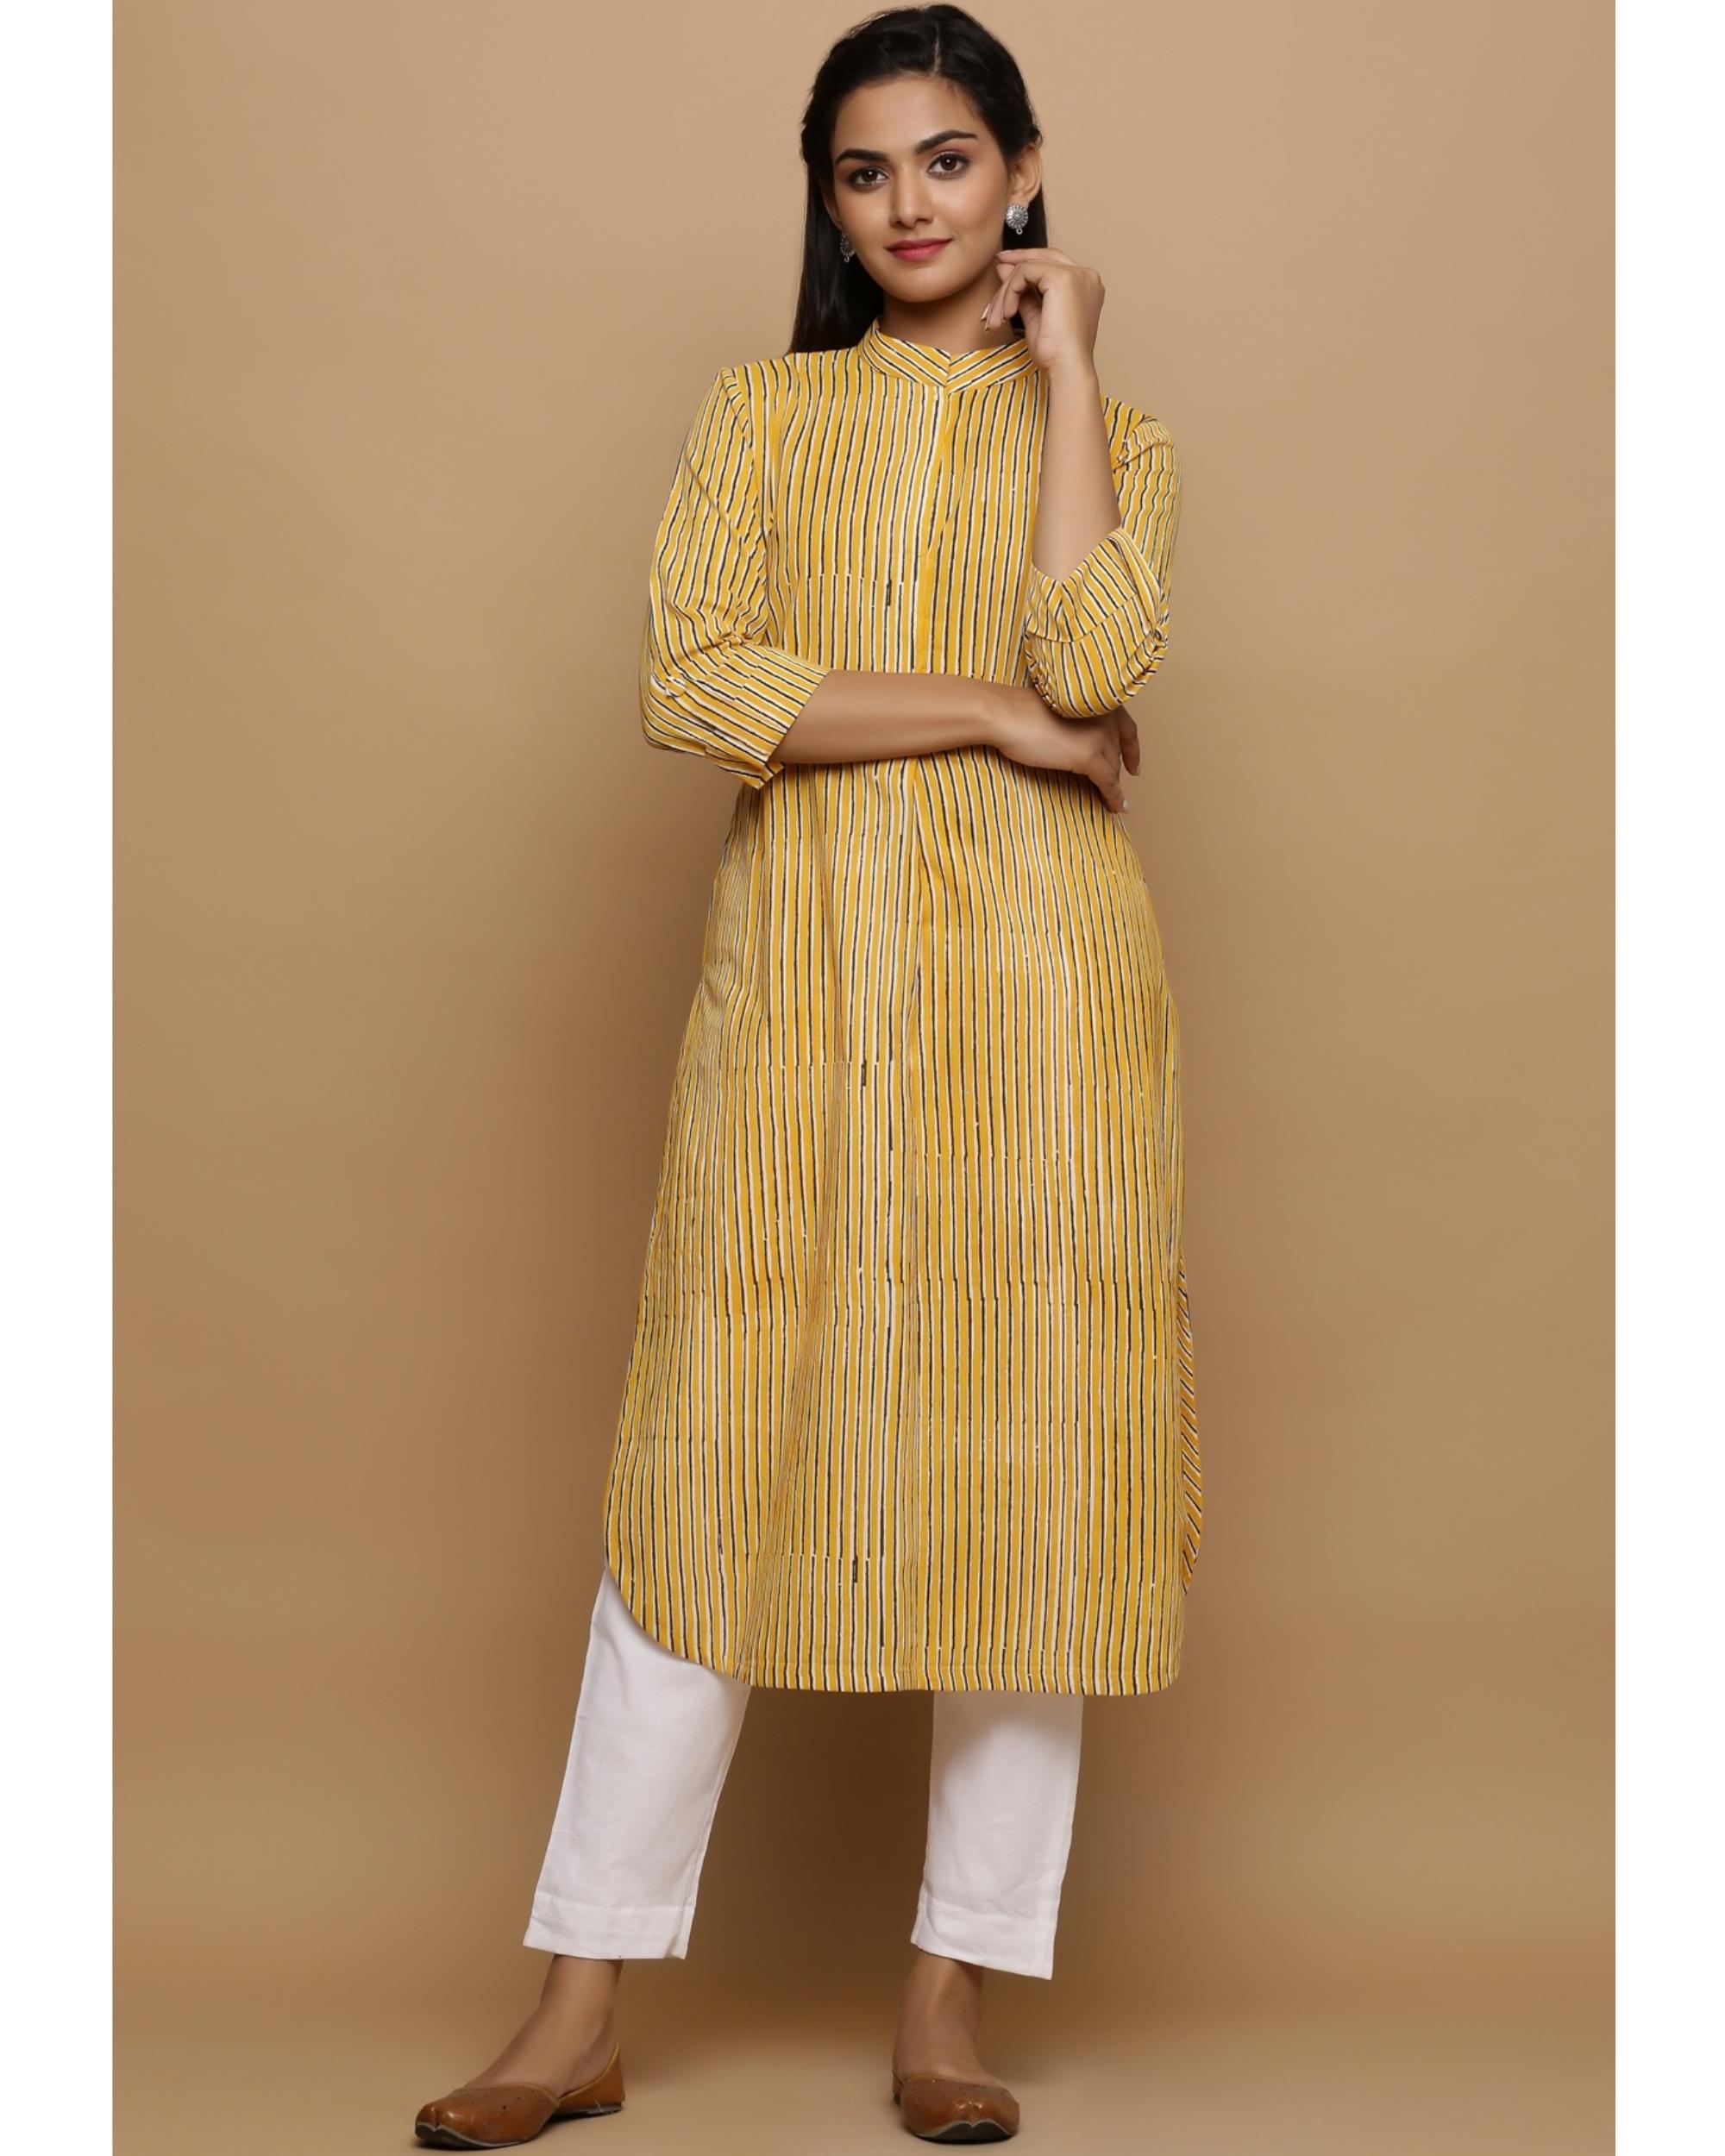 Yellow striped cotton kurta